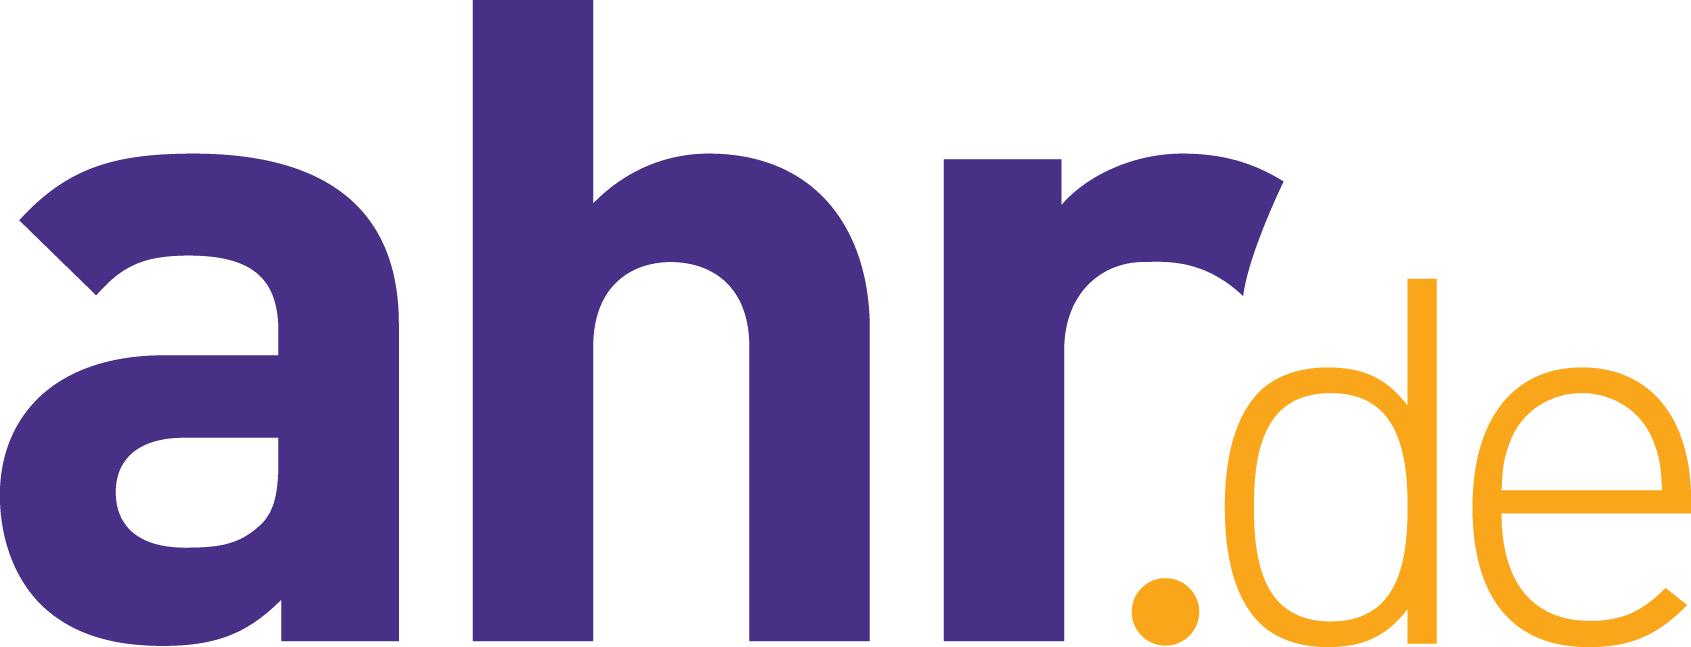 partner-ahr-en